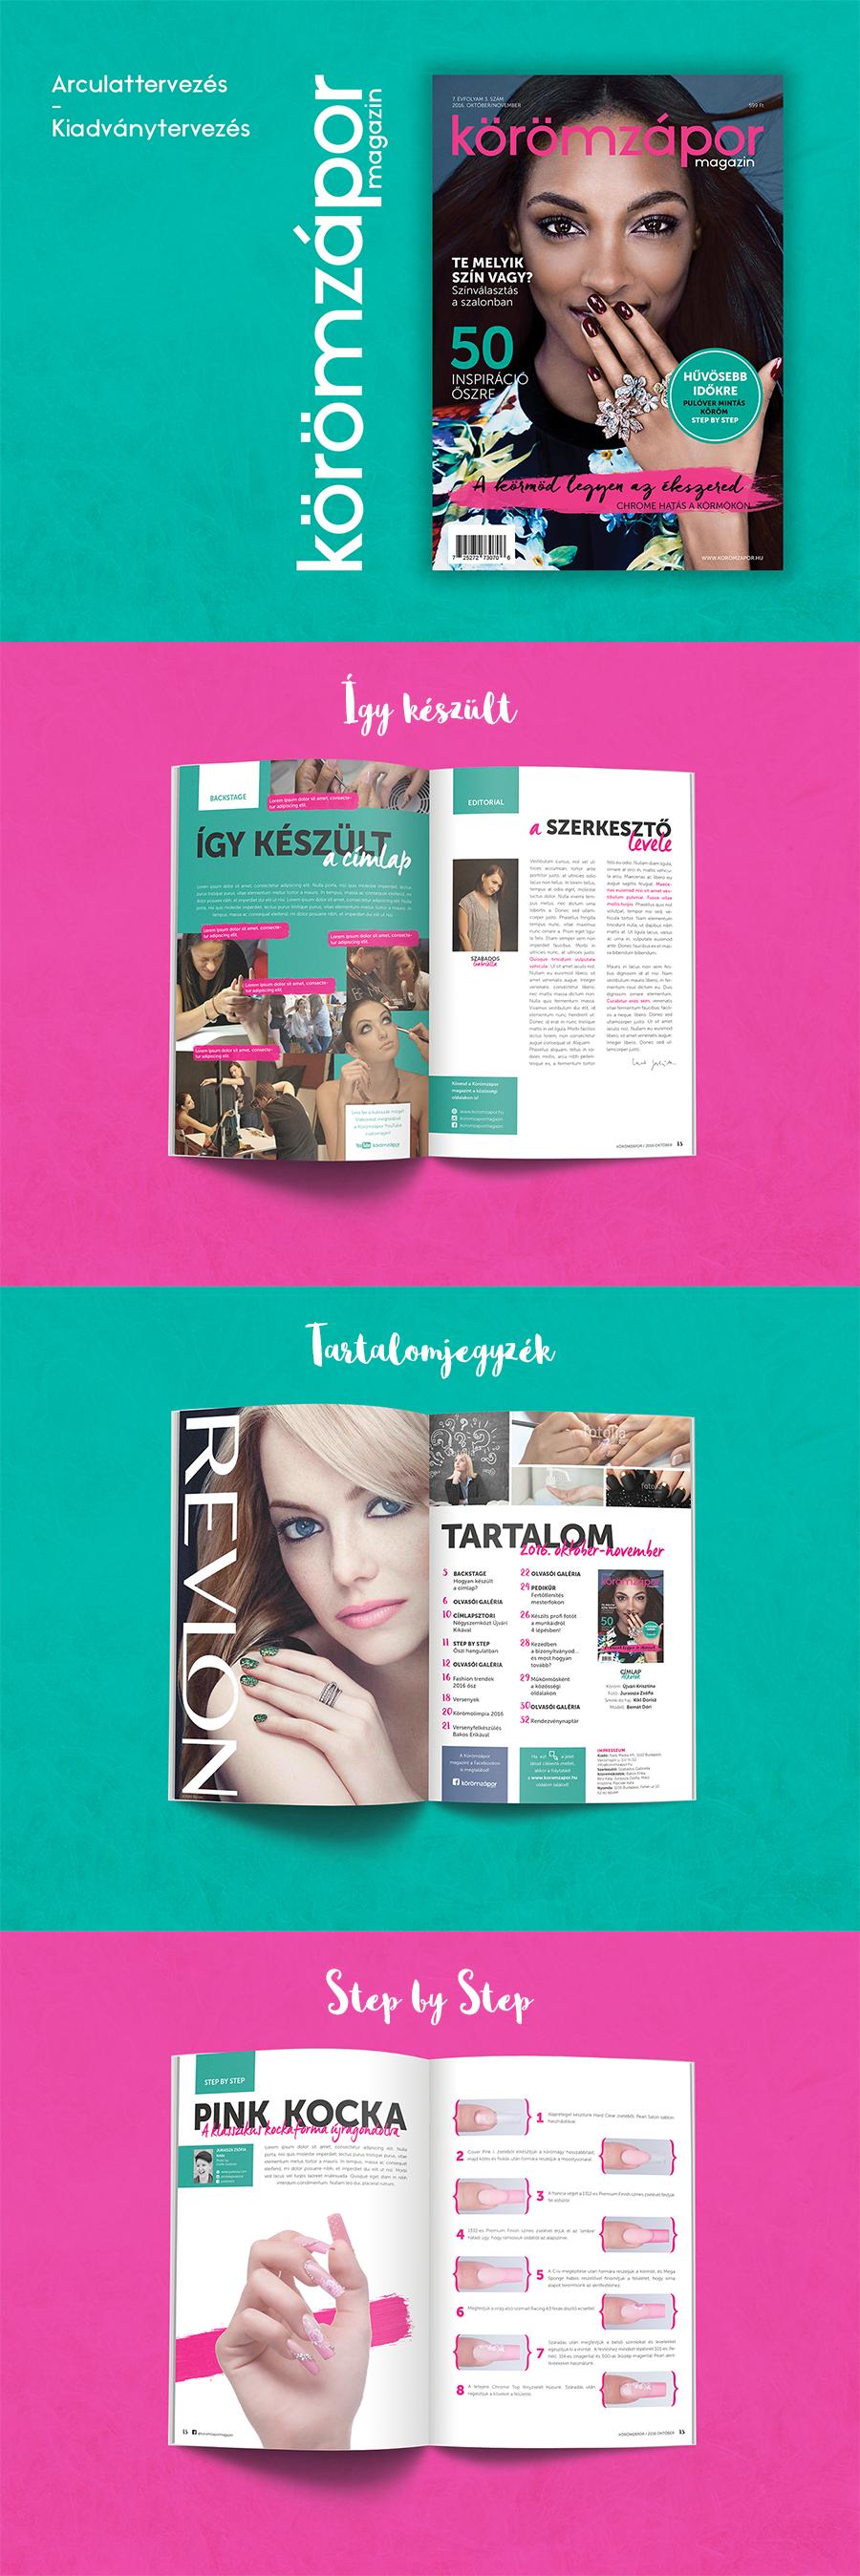 Kiadványtervezés, arculattervezés - Körömzápor magazin